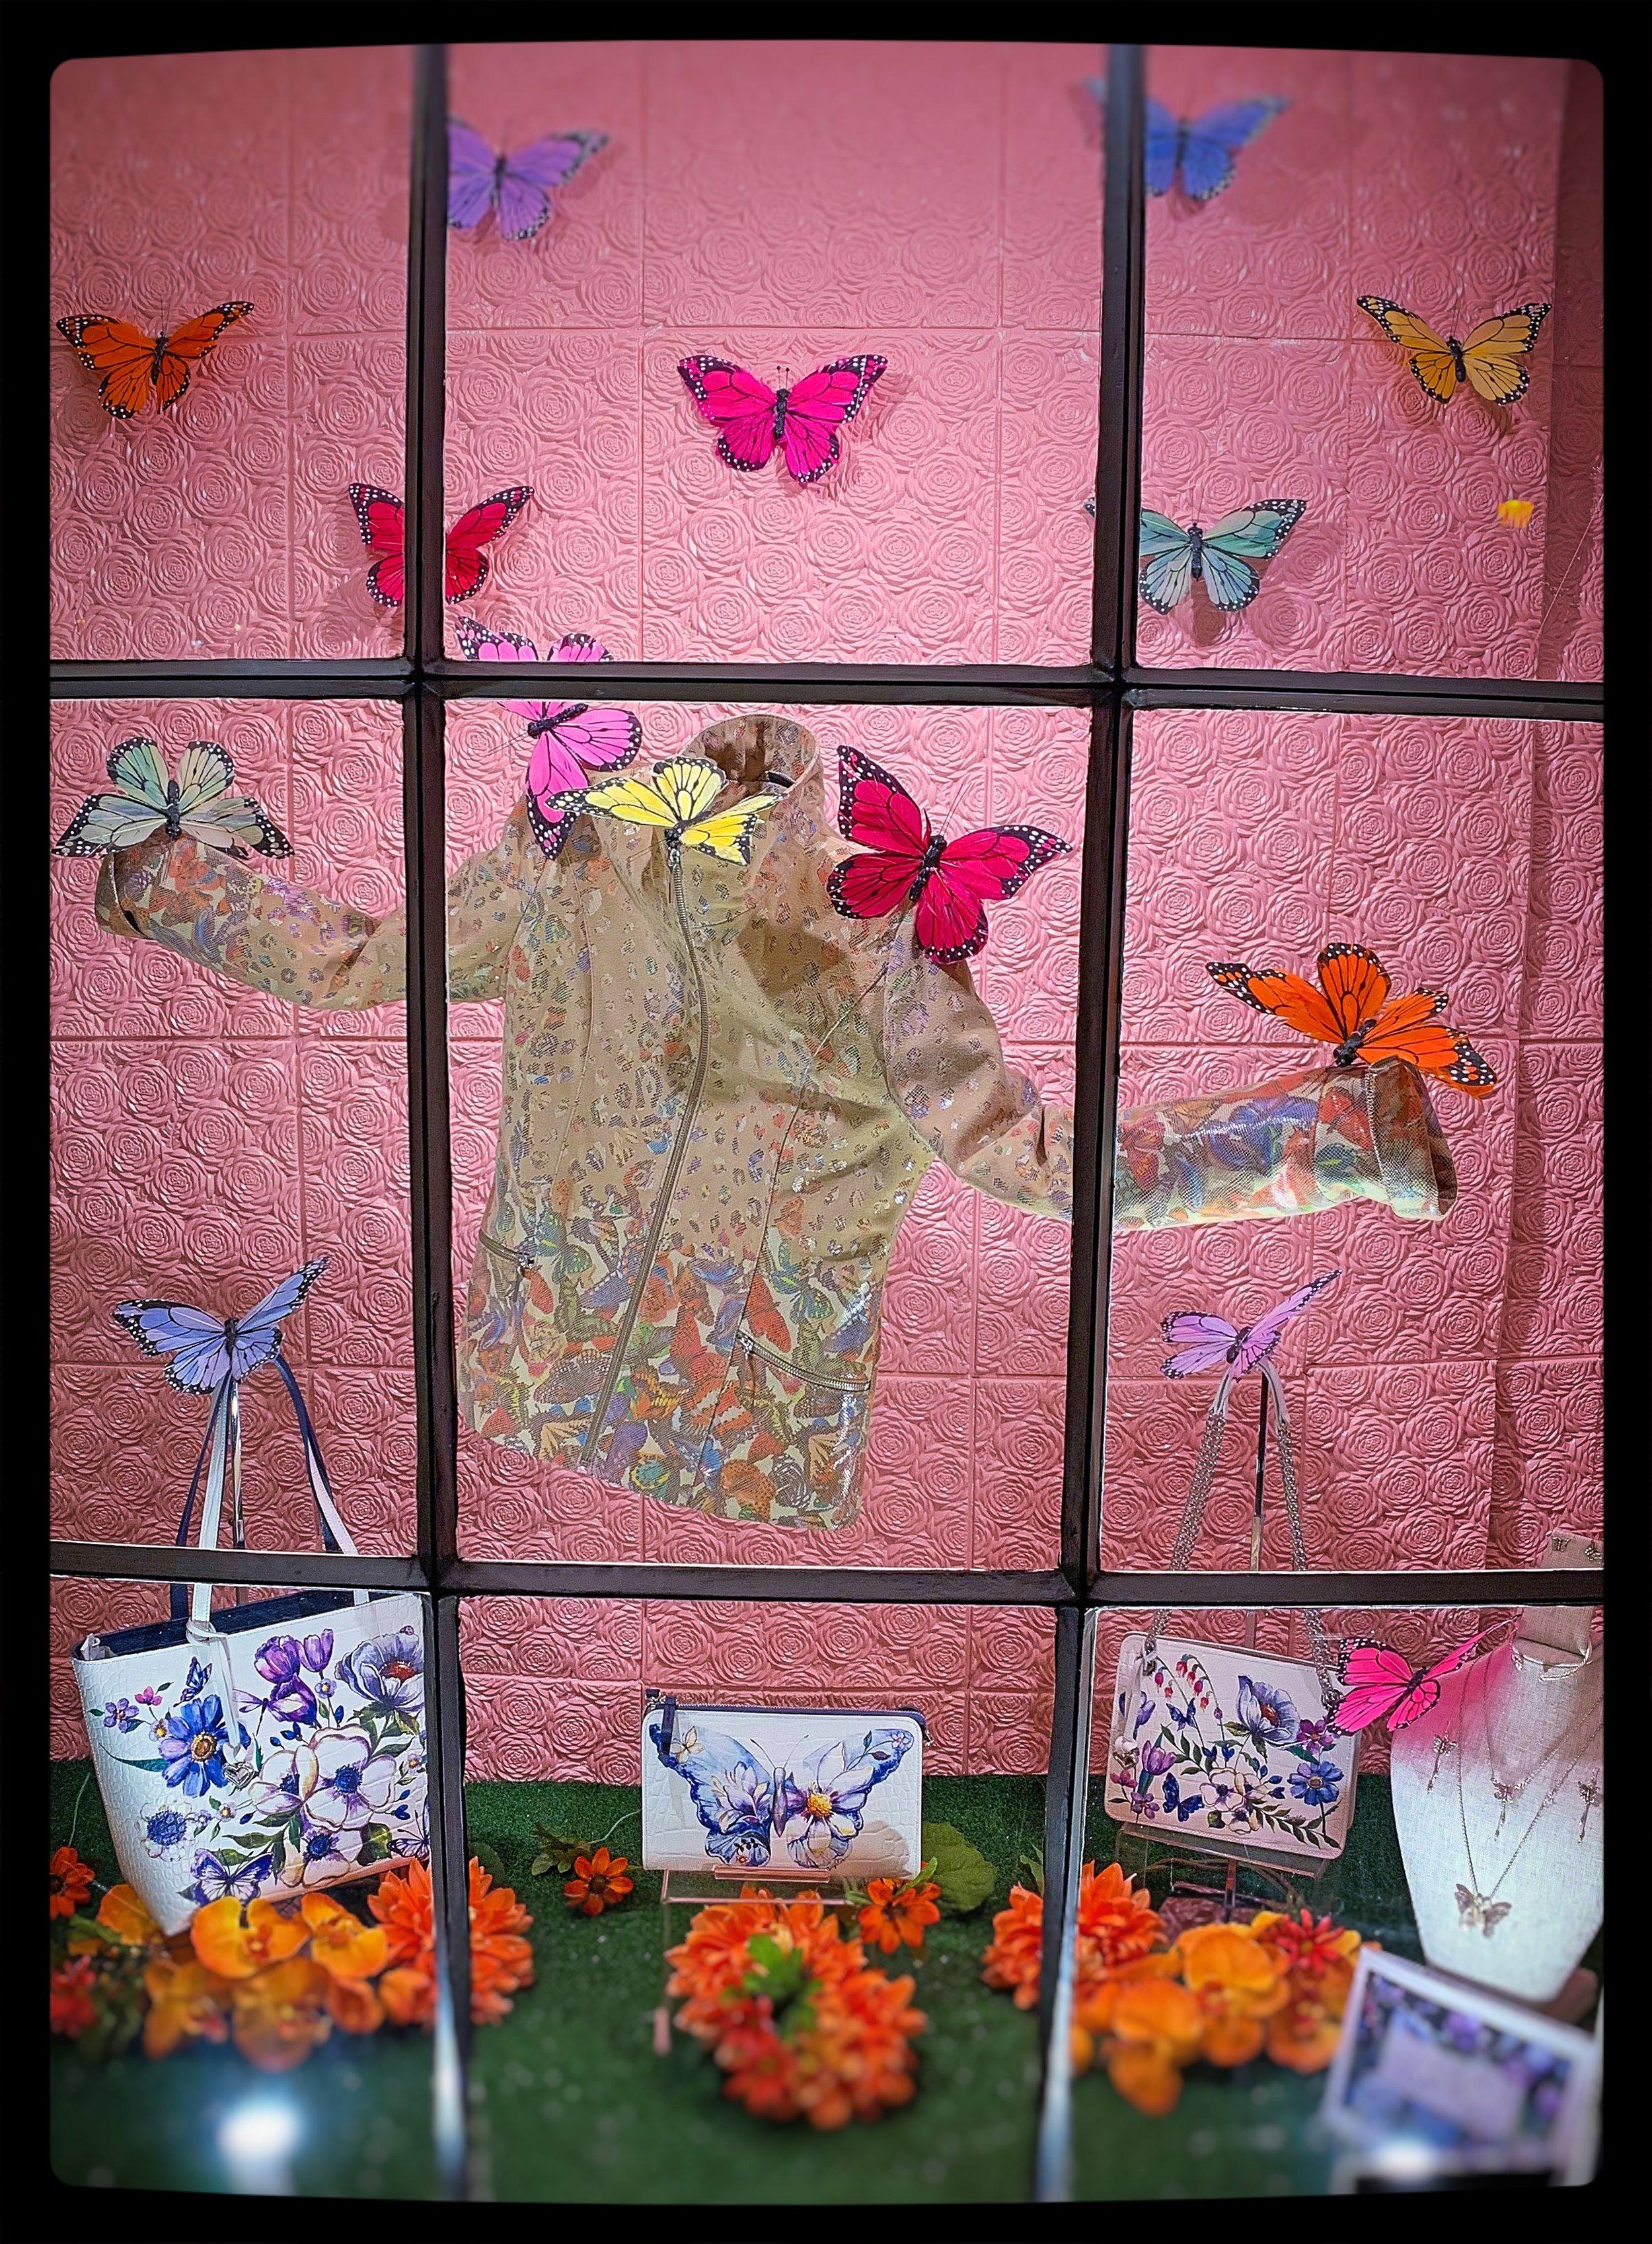 #butterfly2019